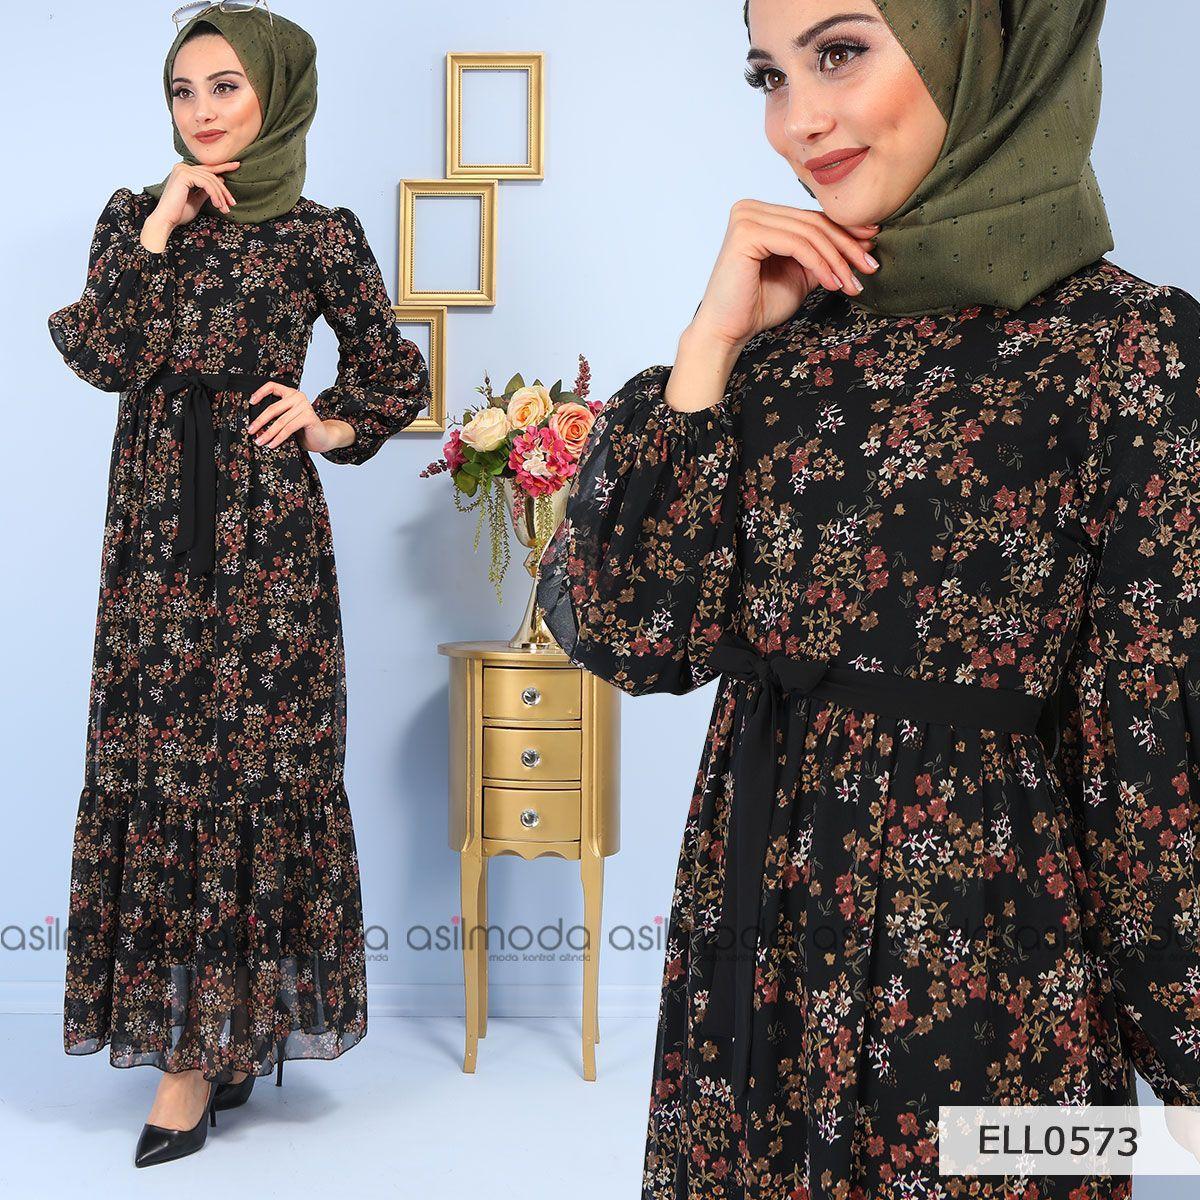 51cf52099b2e1 Bel kuşağı bulunan elbise çiçek desenli görünüme sahiptir. Elbise boydan  model olup, yandan fermuarlıdır